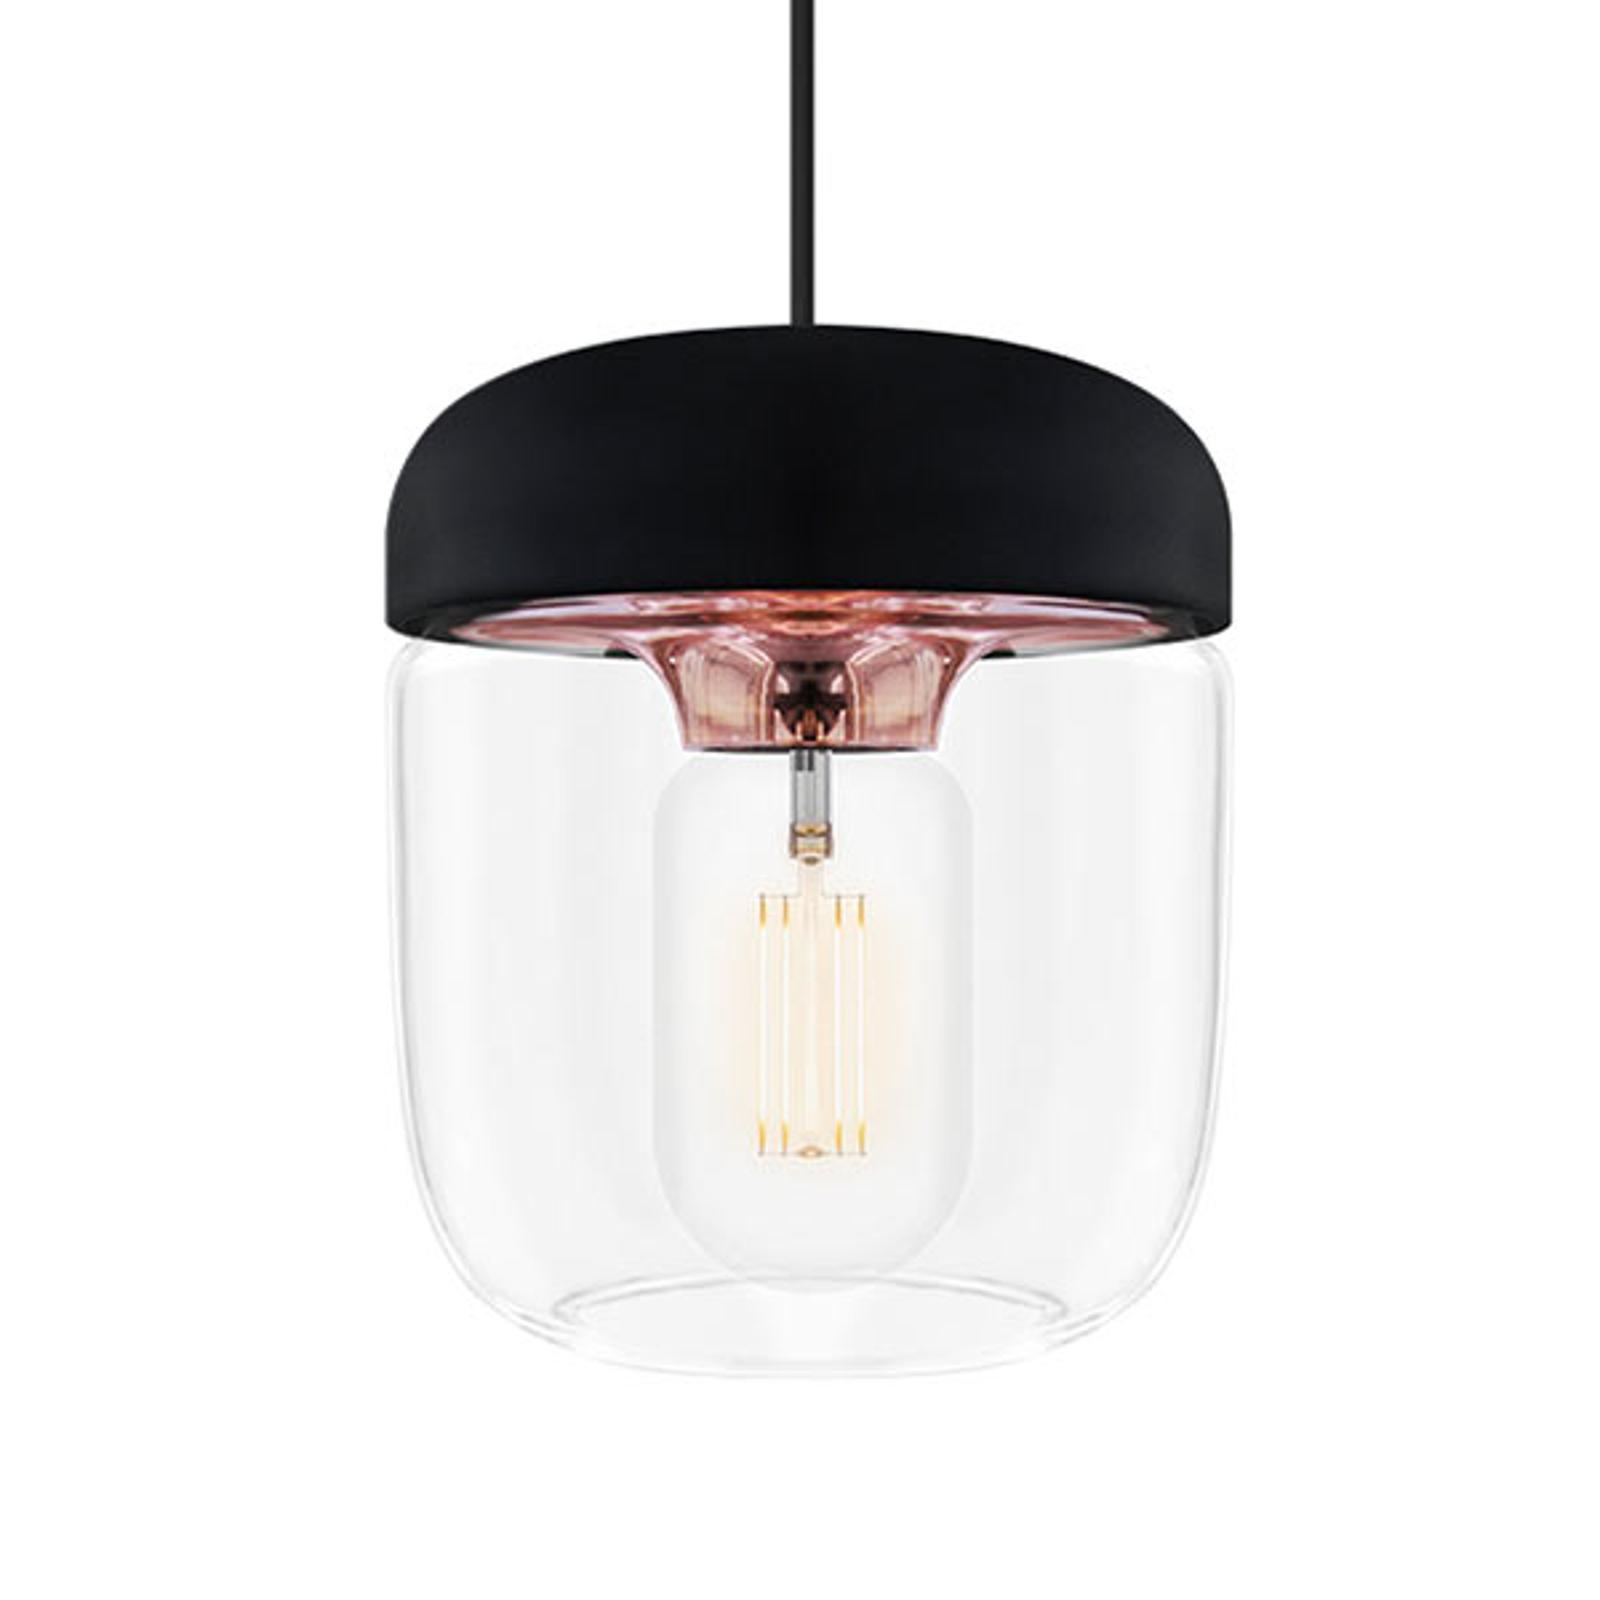 Modna lampa wisząca Acorn, czerń i miedź